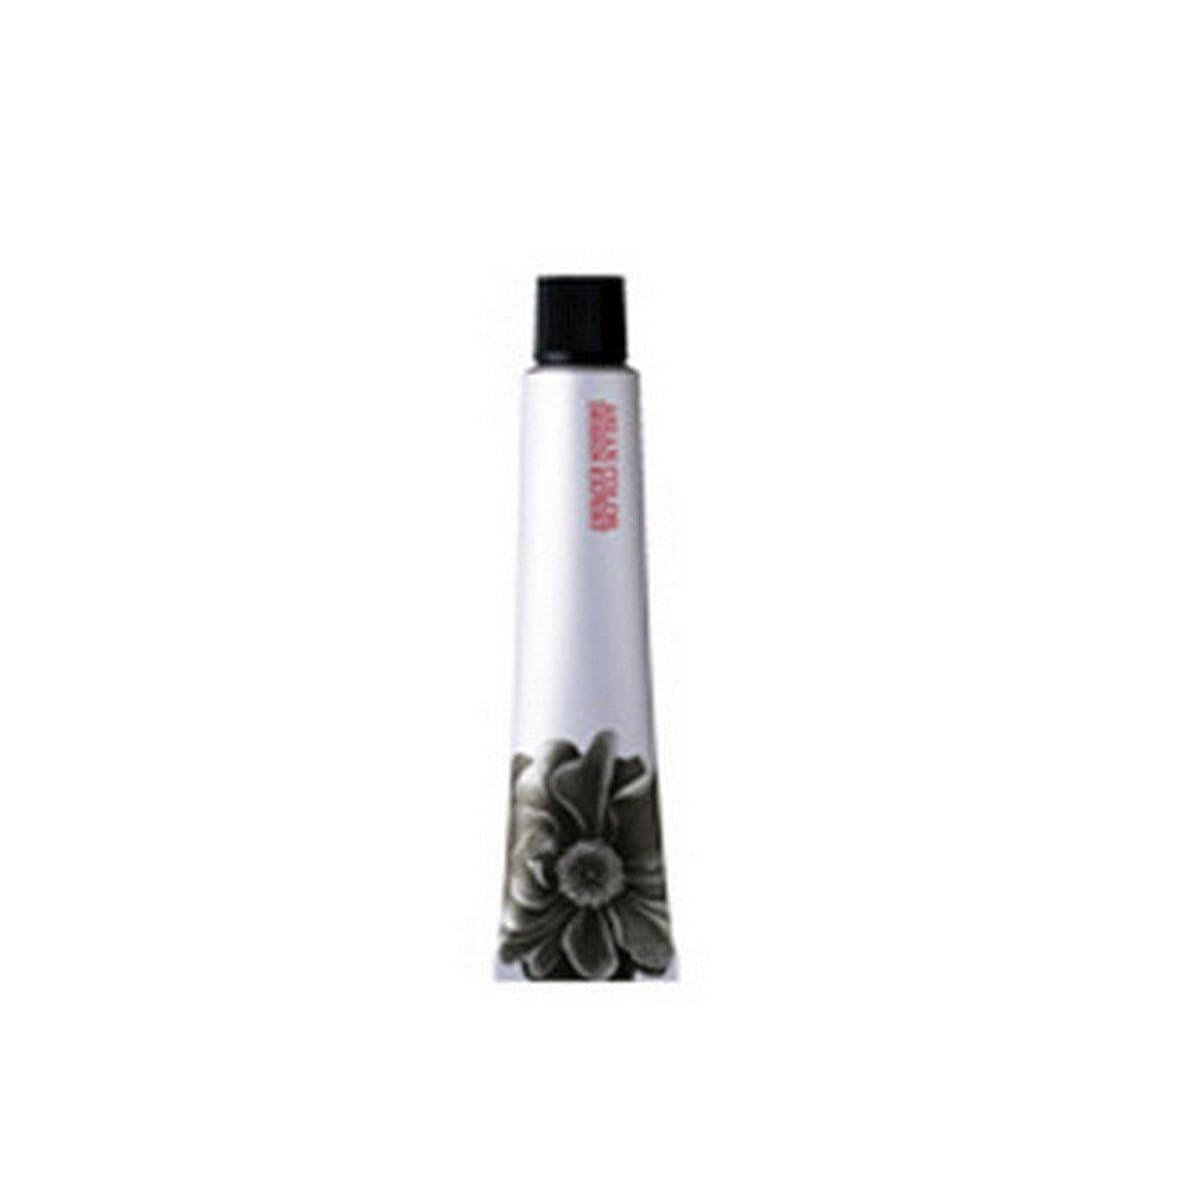 高度なやりすぎでアリミノ ariminoアジアンカラー アルカリタイプ85g 1剤 【医薬部外品】【業務用】 PINK ピンク 7